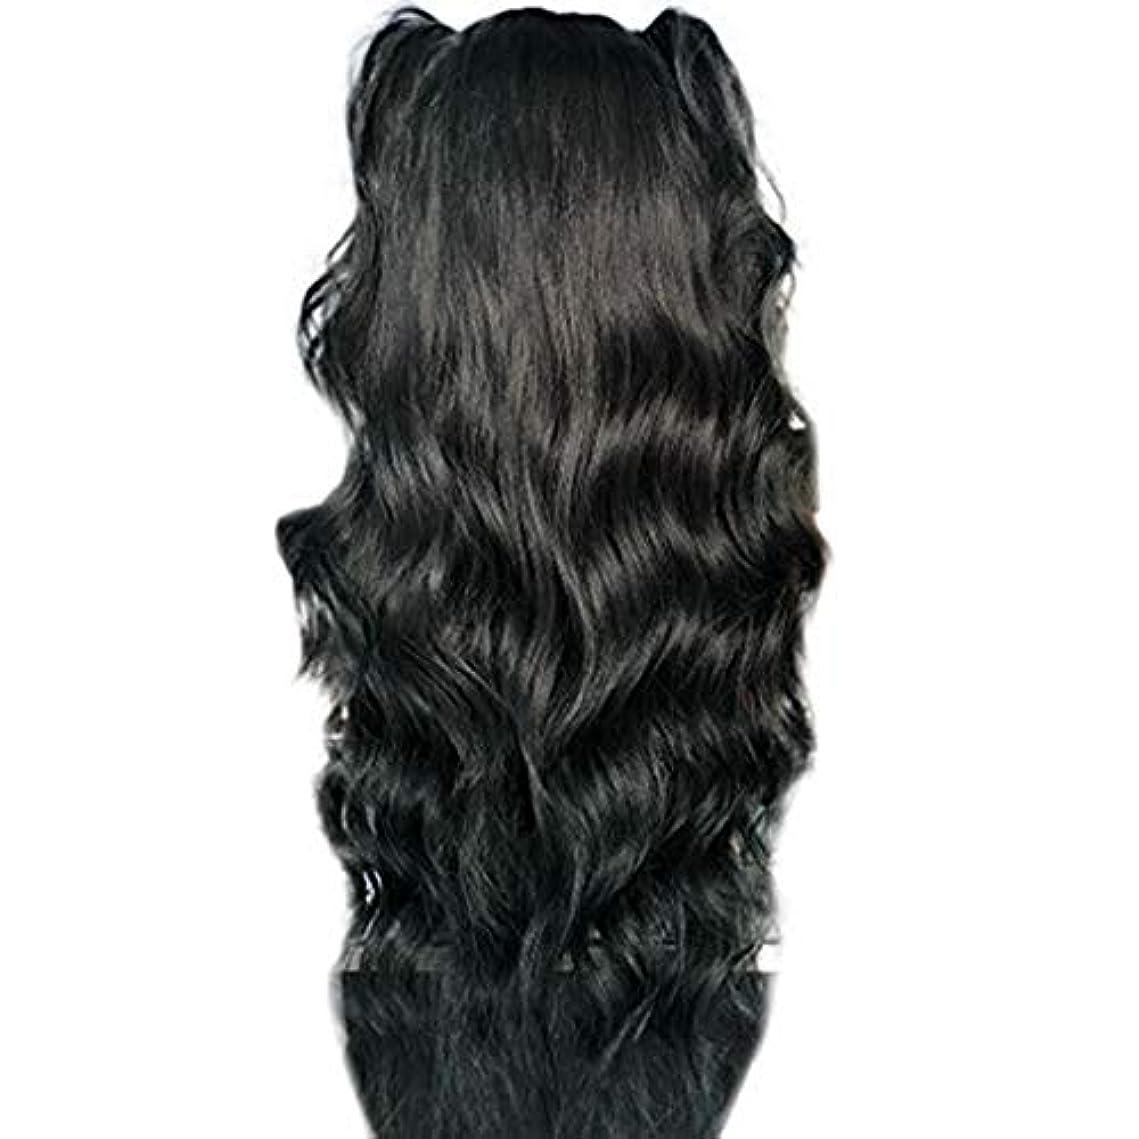 損なう酸素寝室を掃除するかつら女性長い巻き毛の化学繊維高温シルクフロントレースかつら26インチ